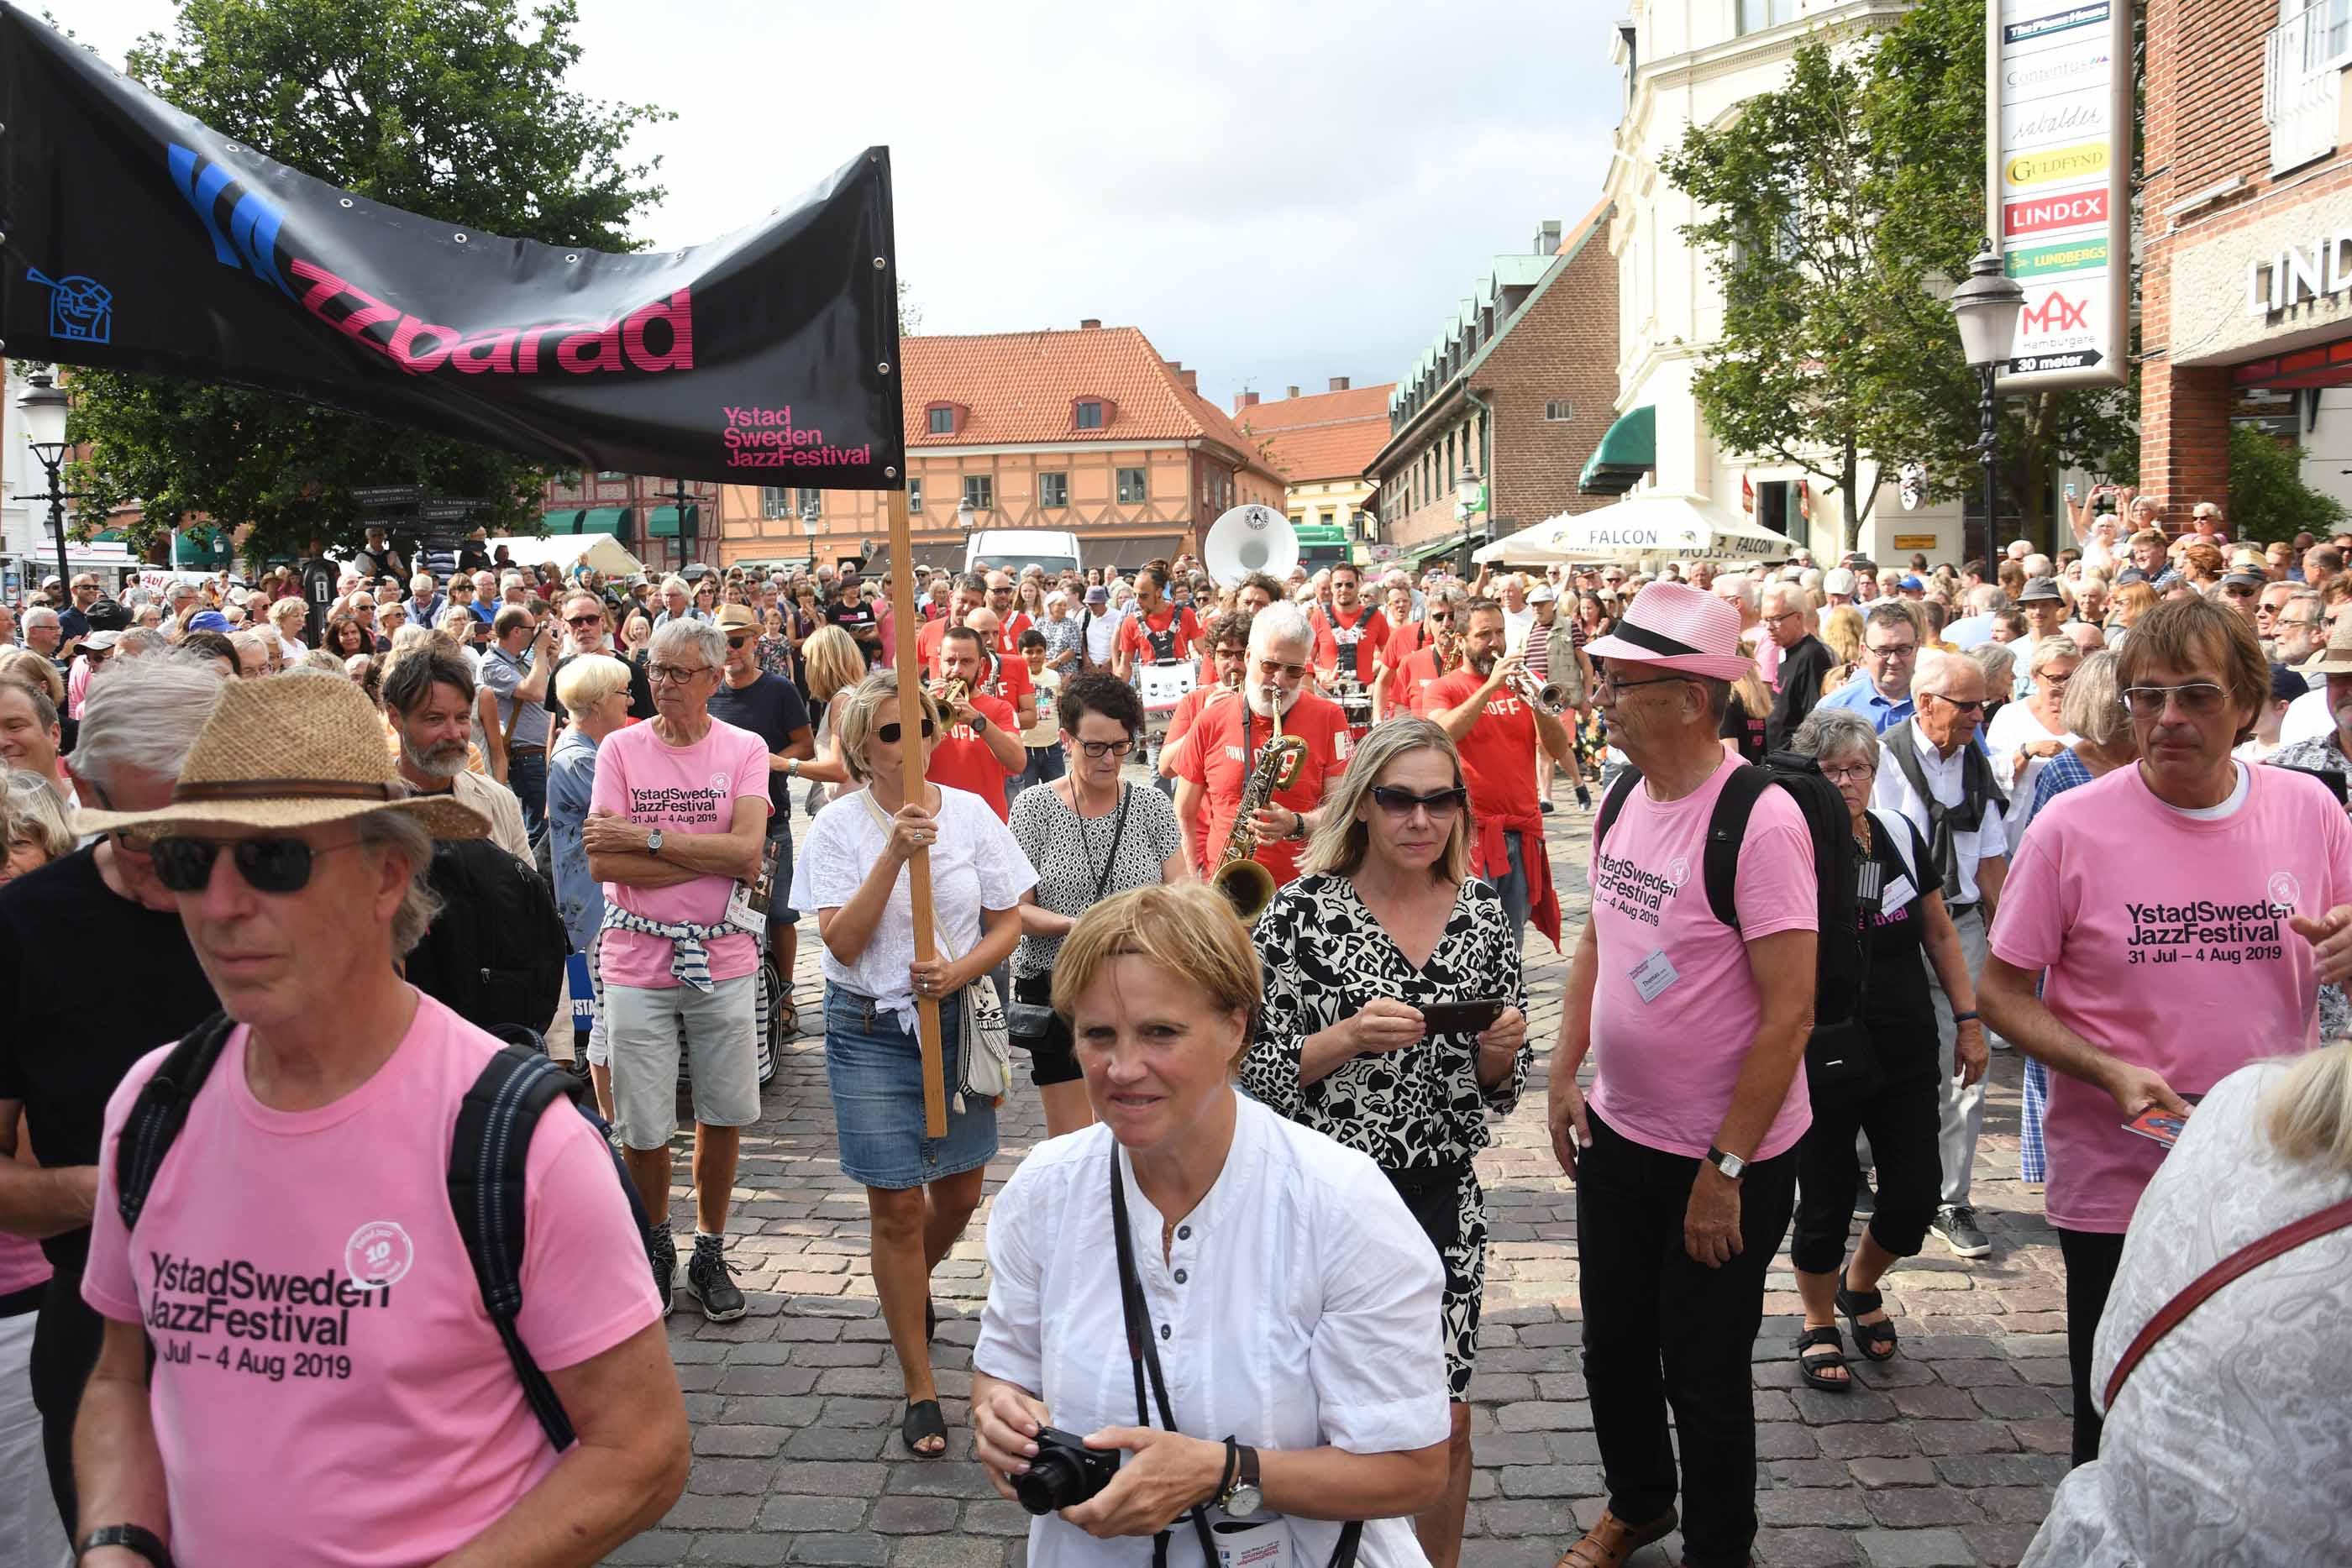 Dags för den tionde jazzfestivalen i Ystad